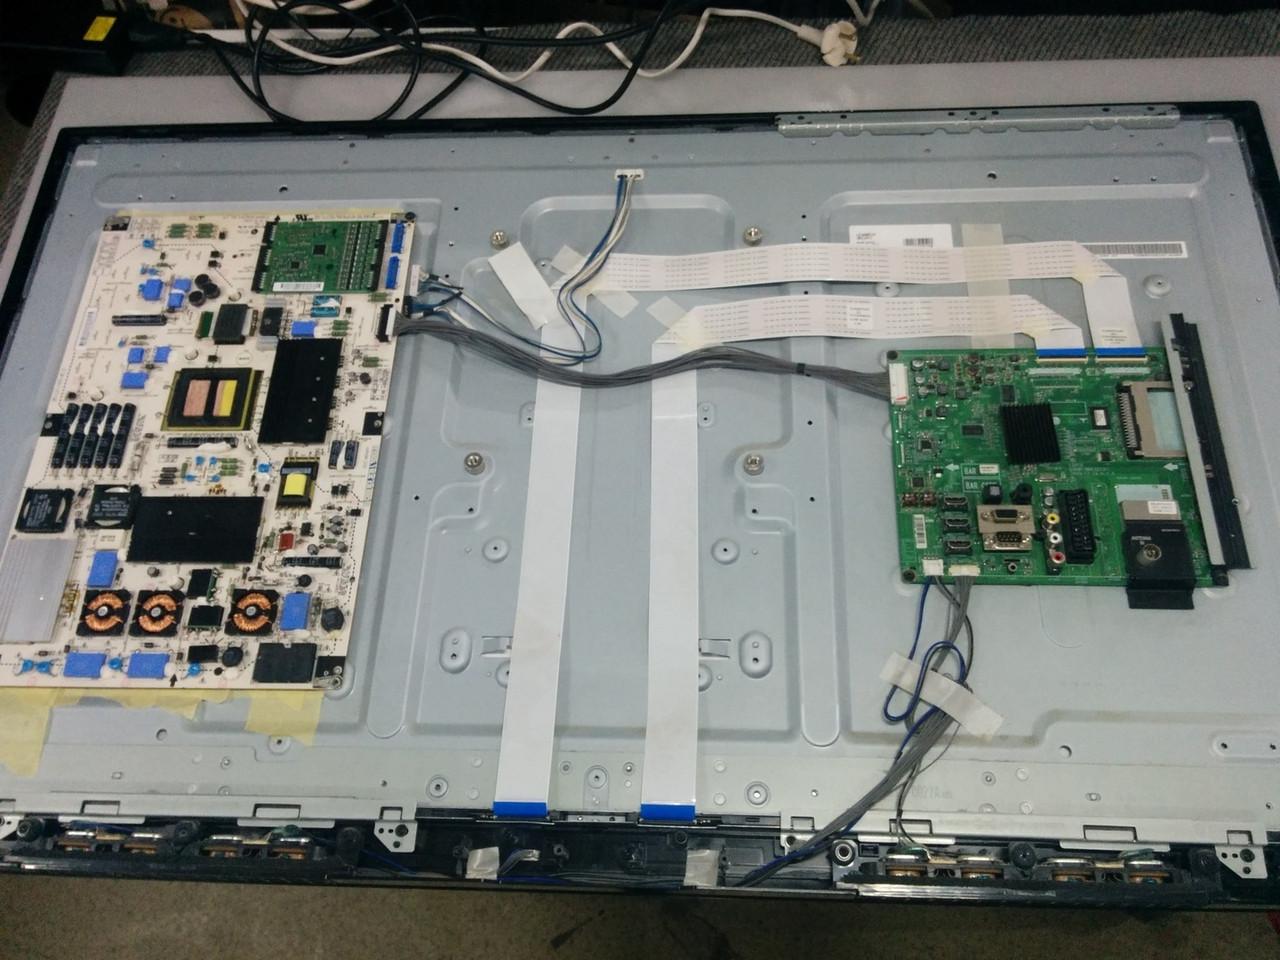 Запчастини до телевізора LG 42LE4500 (EAX61766102, 3PCGC10008A-R , 3PHAC40003A-R, 6870C-0480A)